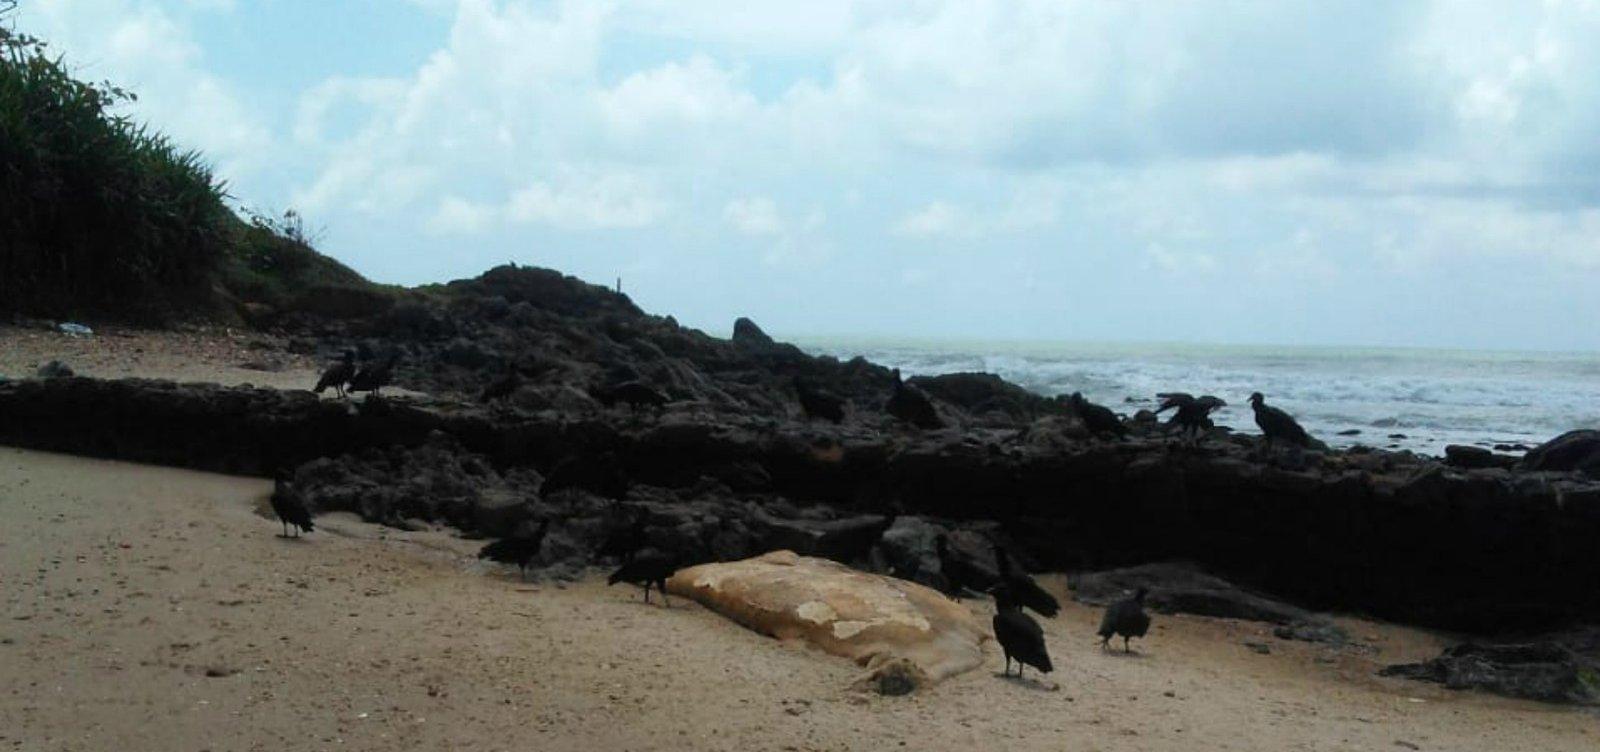 Filhote de baleia jubarte é encontrado morto em Ilhéus